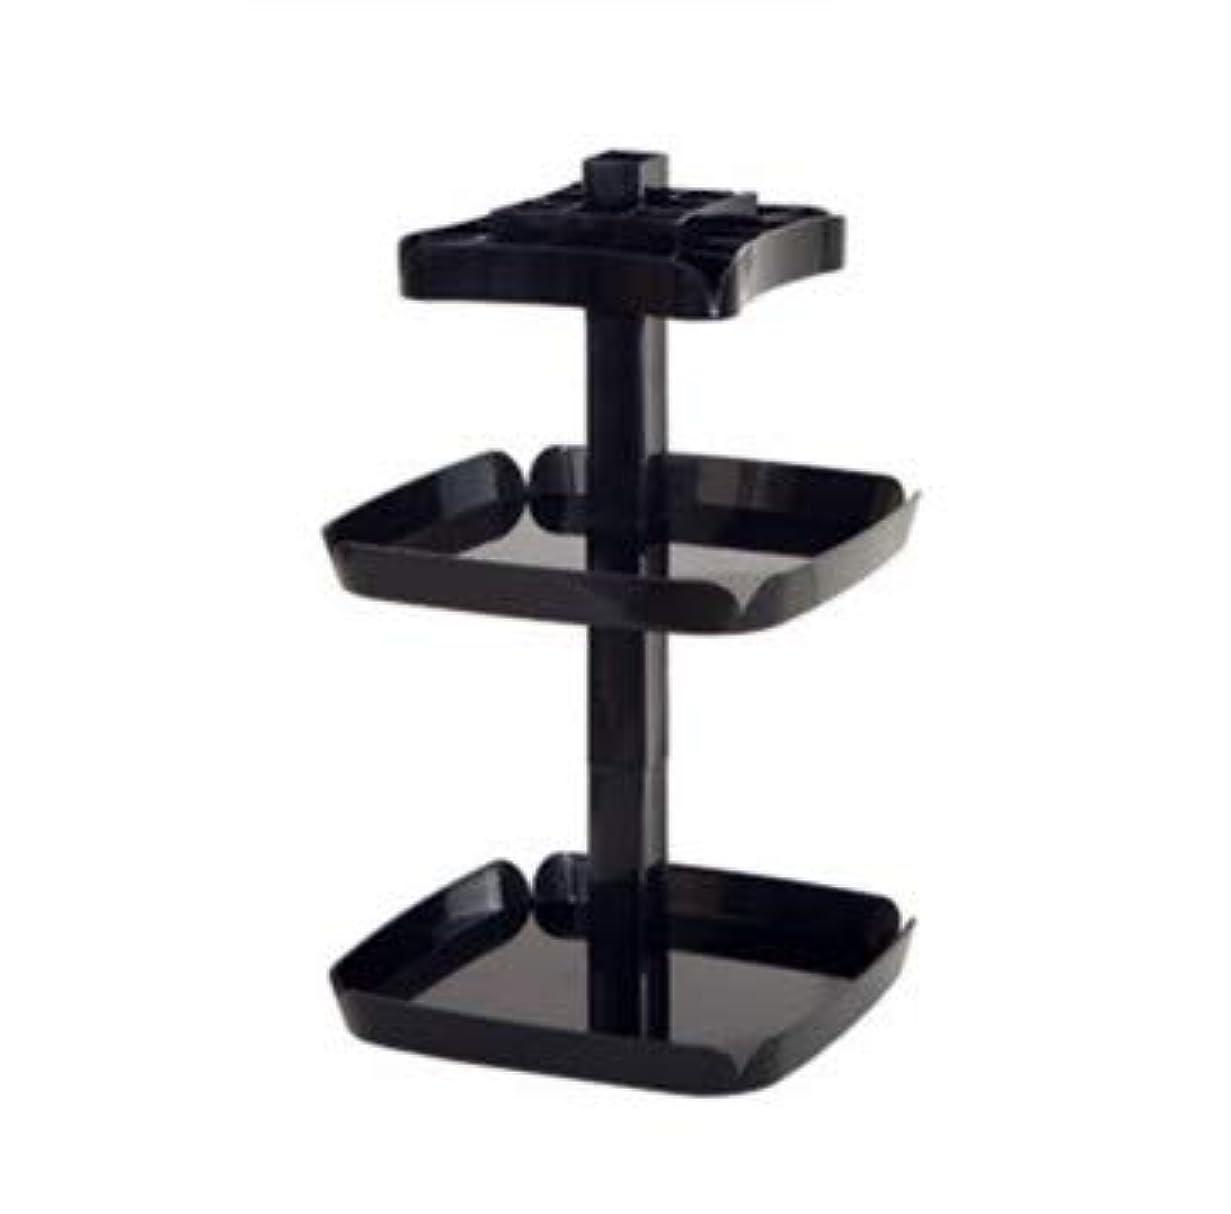 隔離役立つ洗練されたクリエイティブ回転マニュアルデスクトップ化粧品収納ボックスプラスチック多機能家庭用仕上げボックス (Color : ブラック)